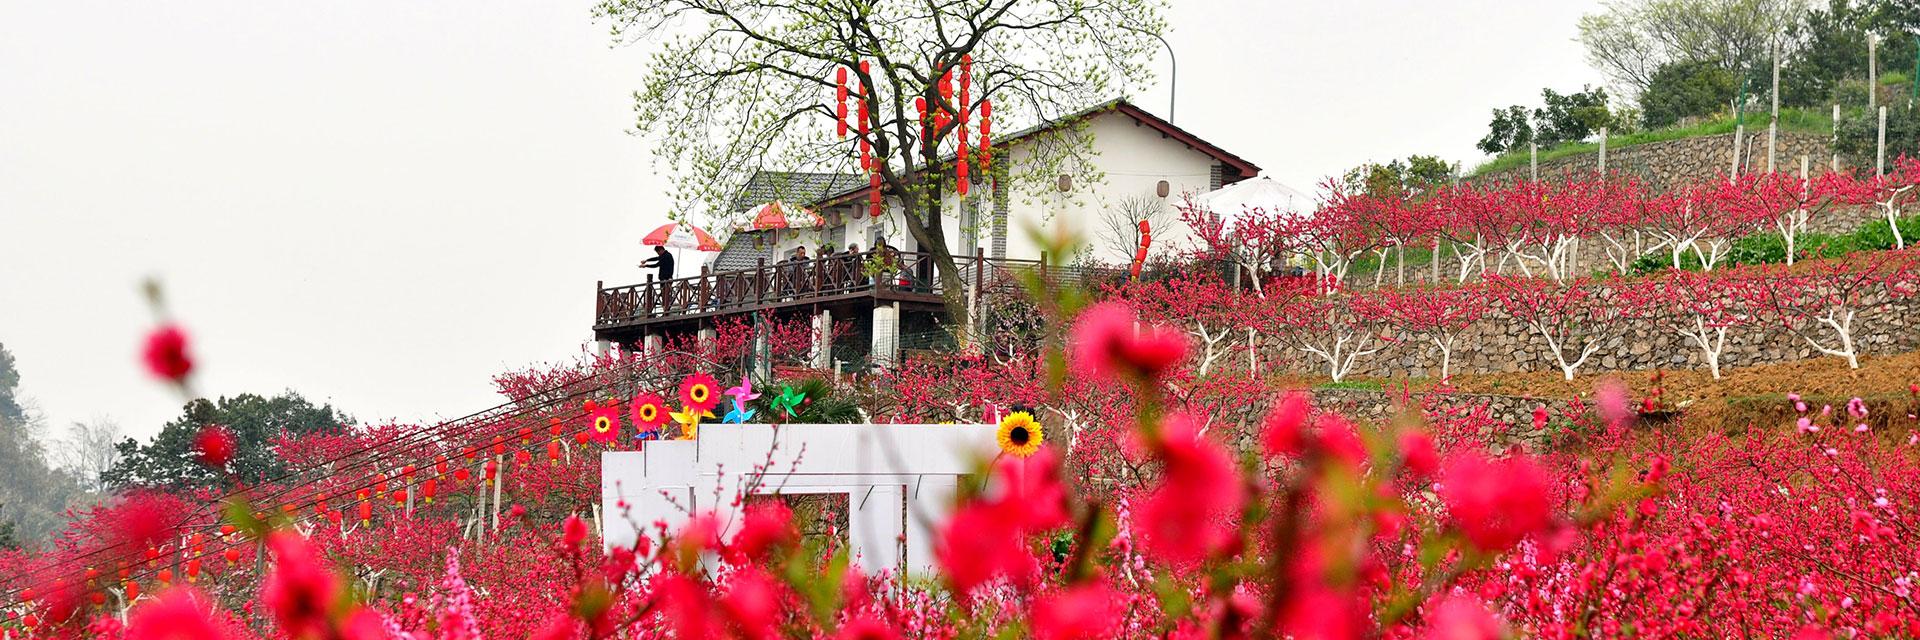 重庆市绿歌生态农业专业合作社